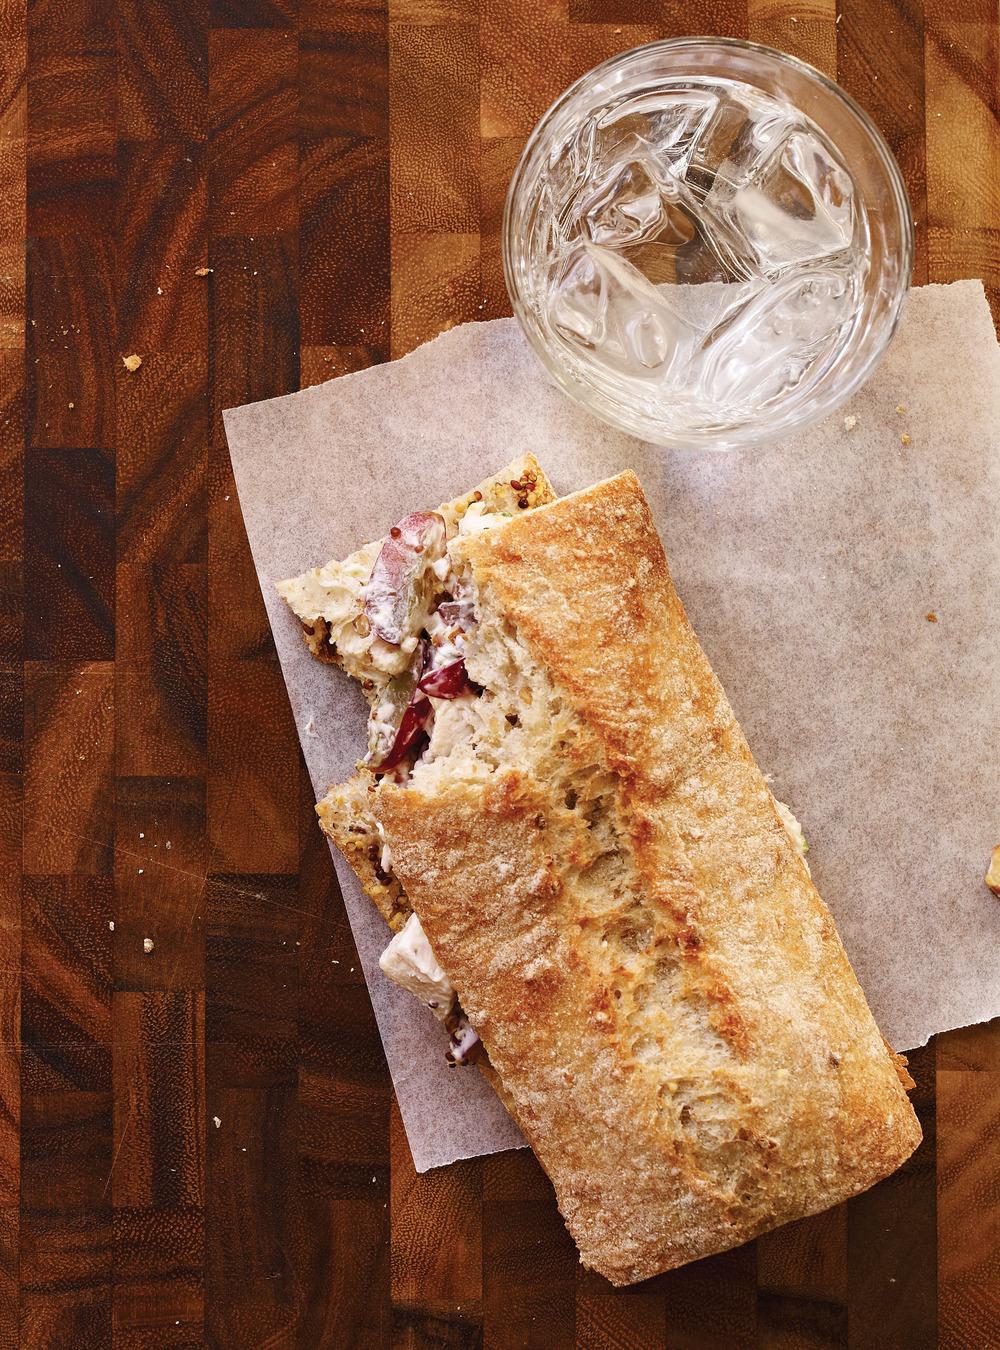 Sandwich au poulet, raisins et noix | ricardo